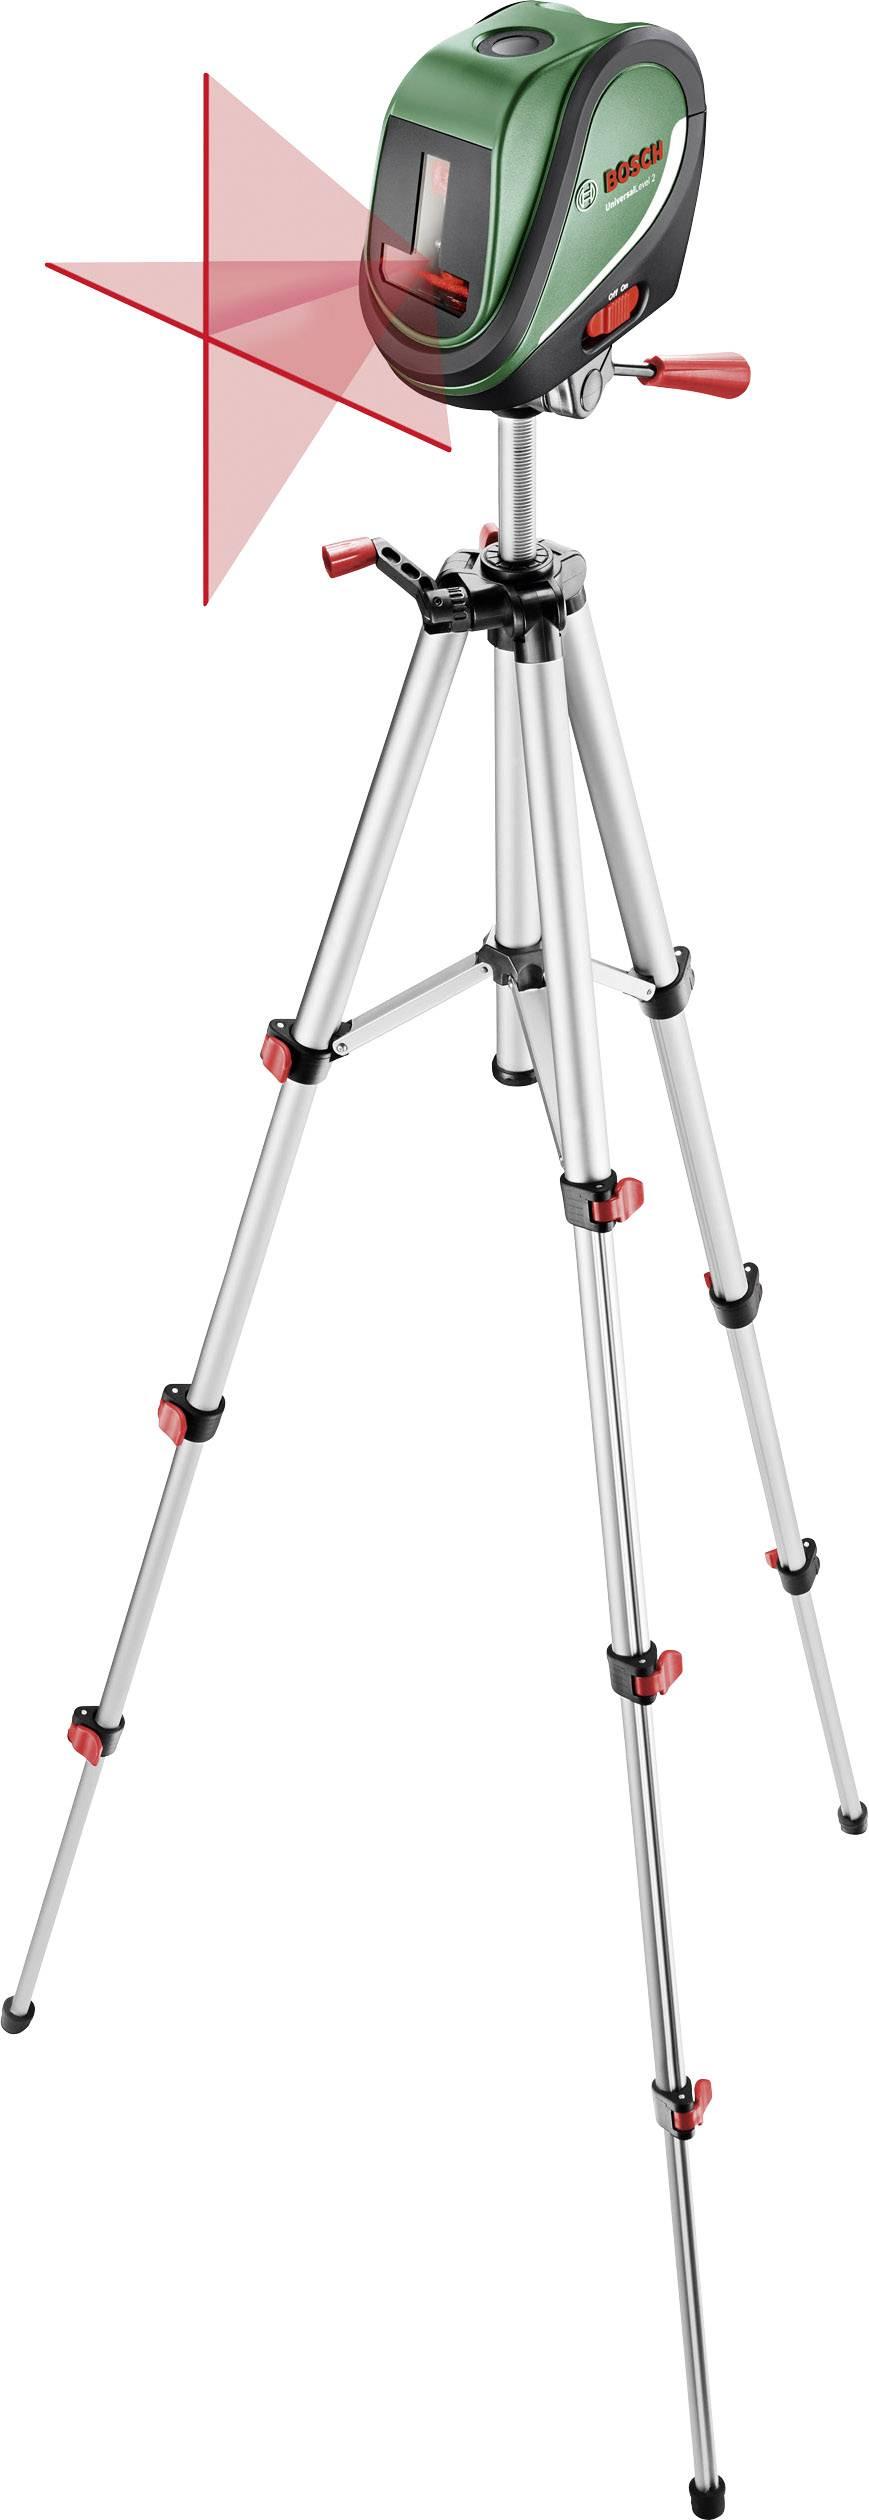 Křížový laser samonivelační, vč. stativu Bosch Home and Garden UniversalLevel 2 Set, dosah (max.): 10 m, Kalibrováno dle: podnikový standard (bez certifikátu) (own)